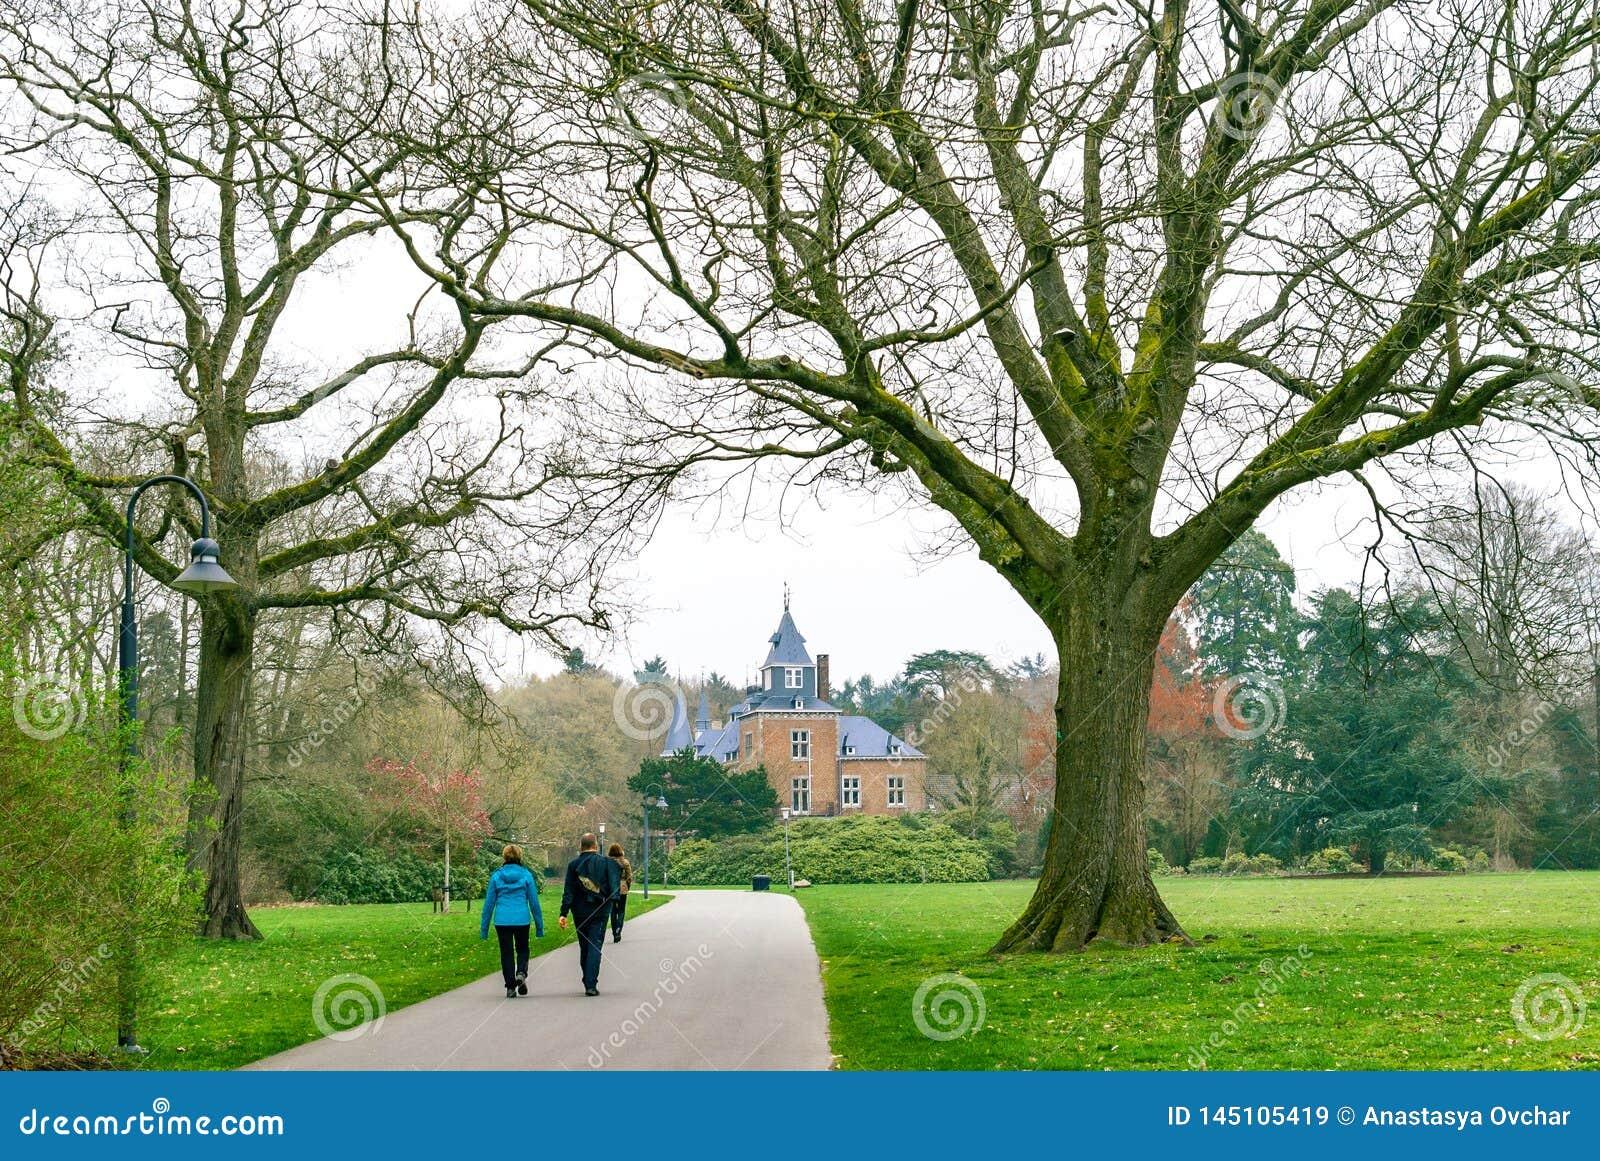 Ζεύγη που περπατούν σε ένα πάρκο μια νεφελώδη ημέρα άνοιξη